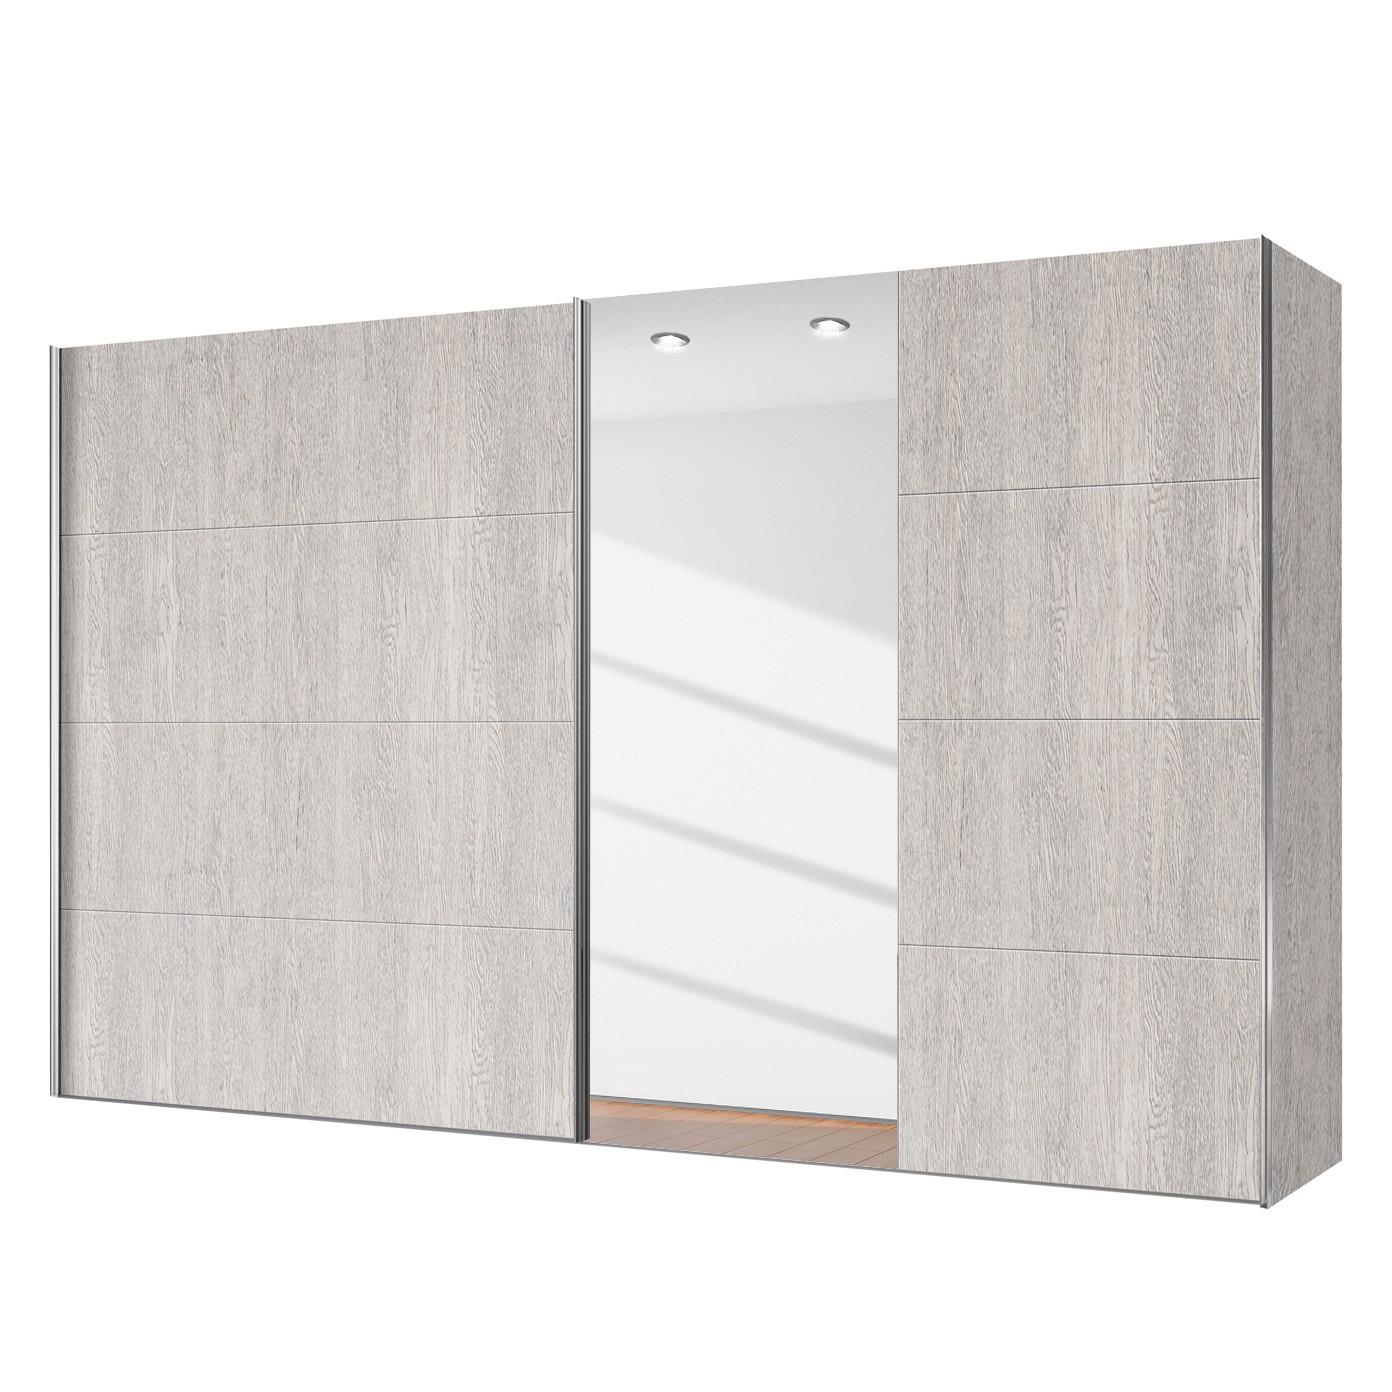 rabatt schwebet renschrank madrid eiche platin dekor spiegelglass 300. Black Bedroom Furniture Sets. Home Design Ideas